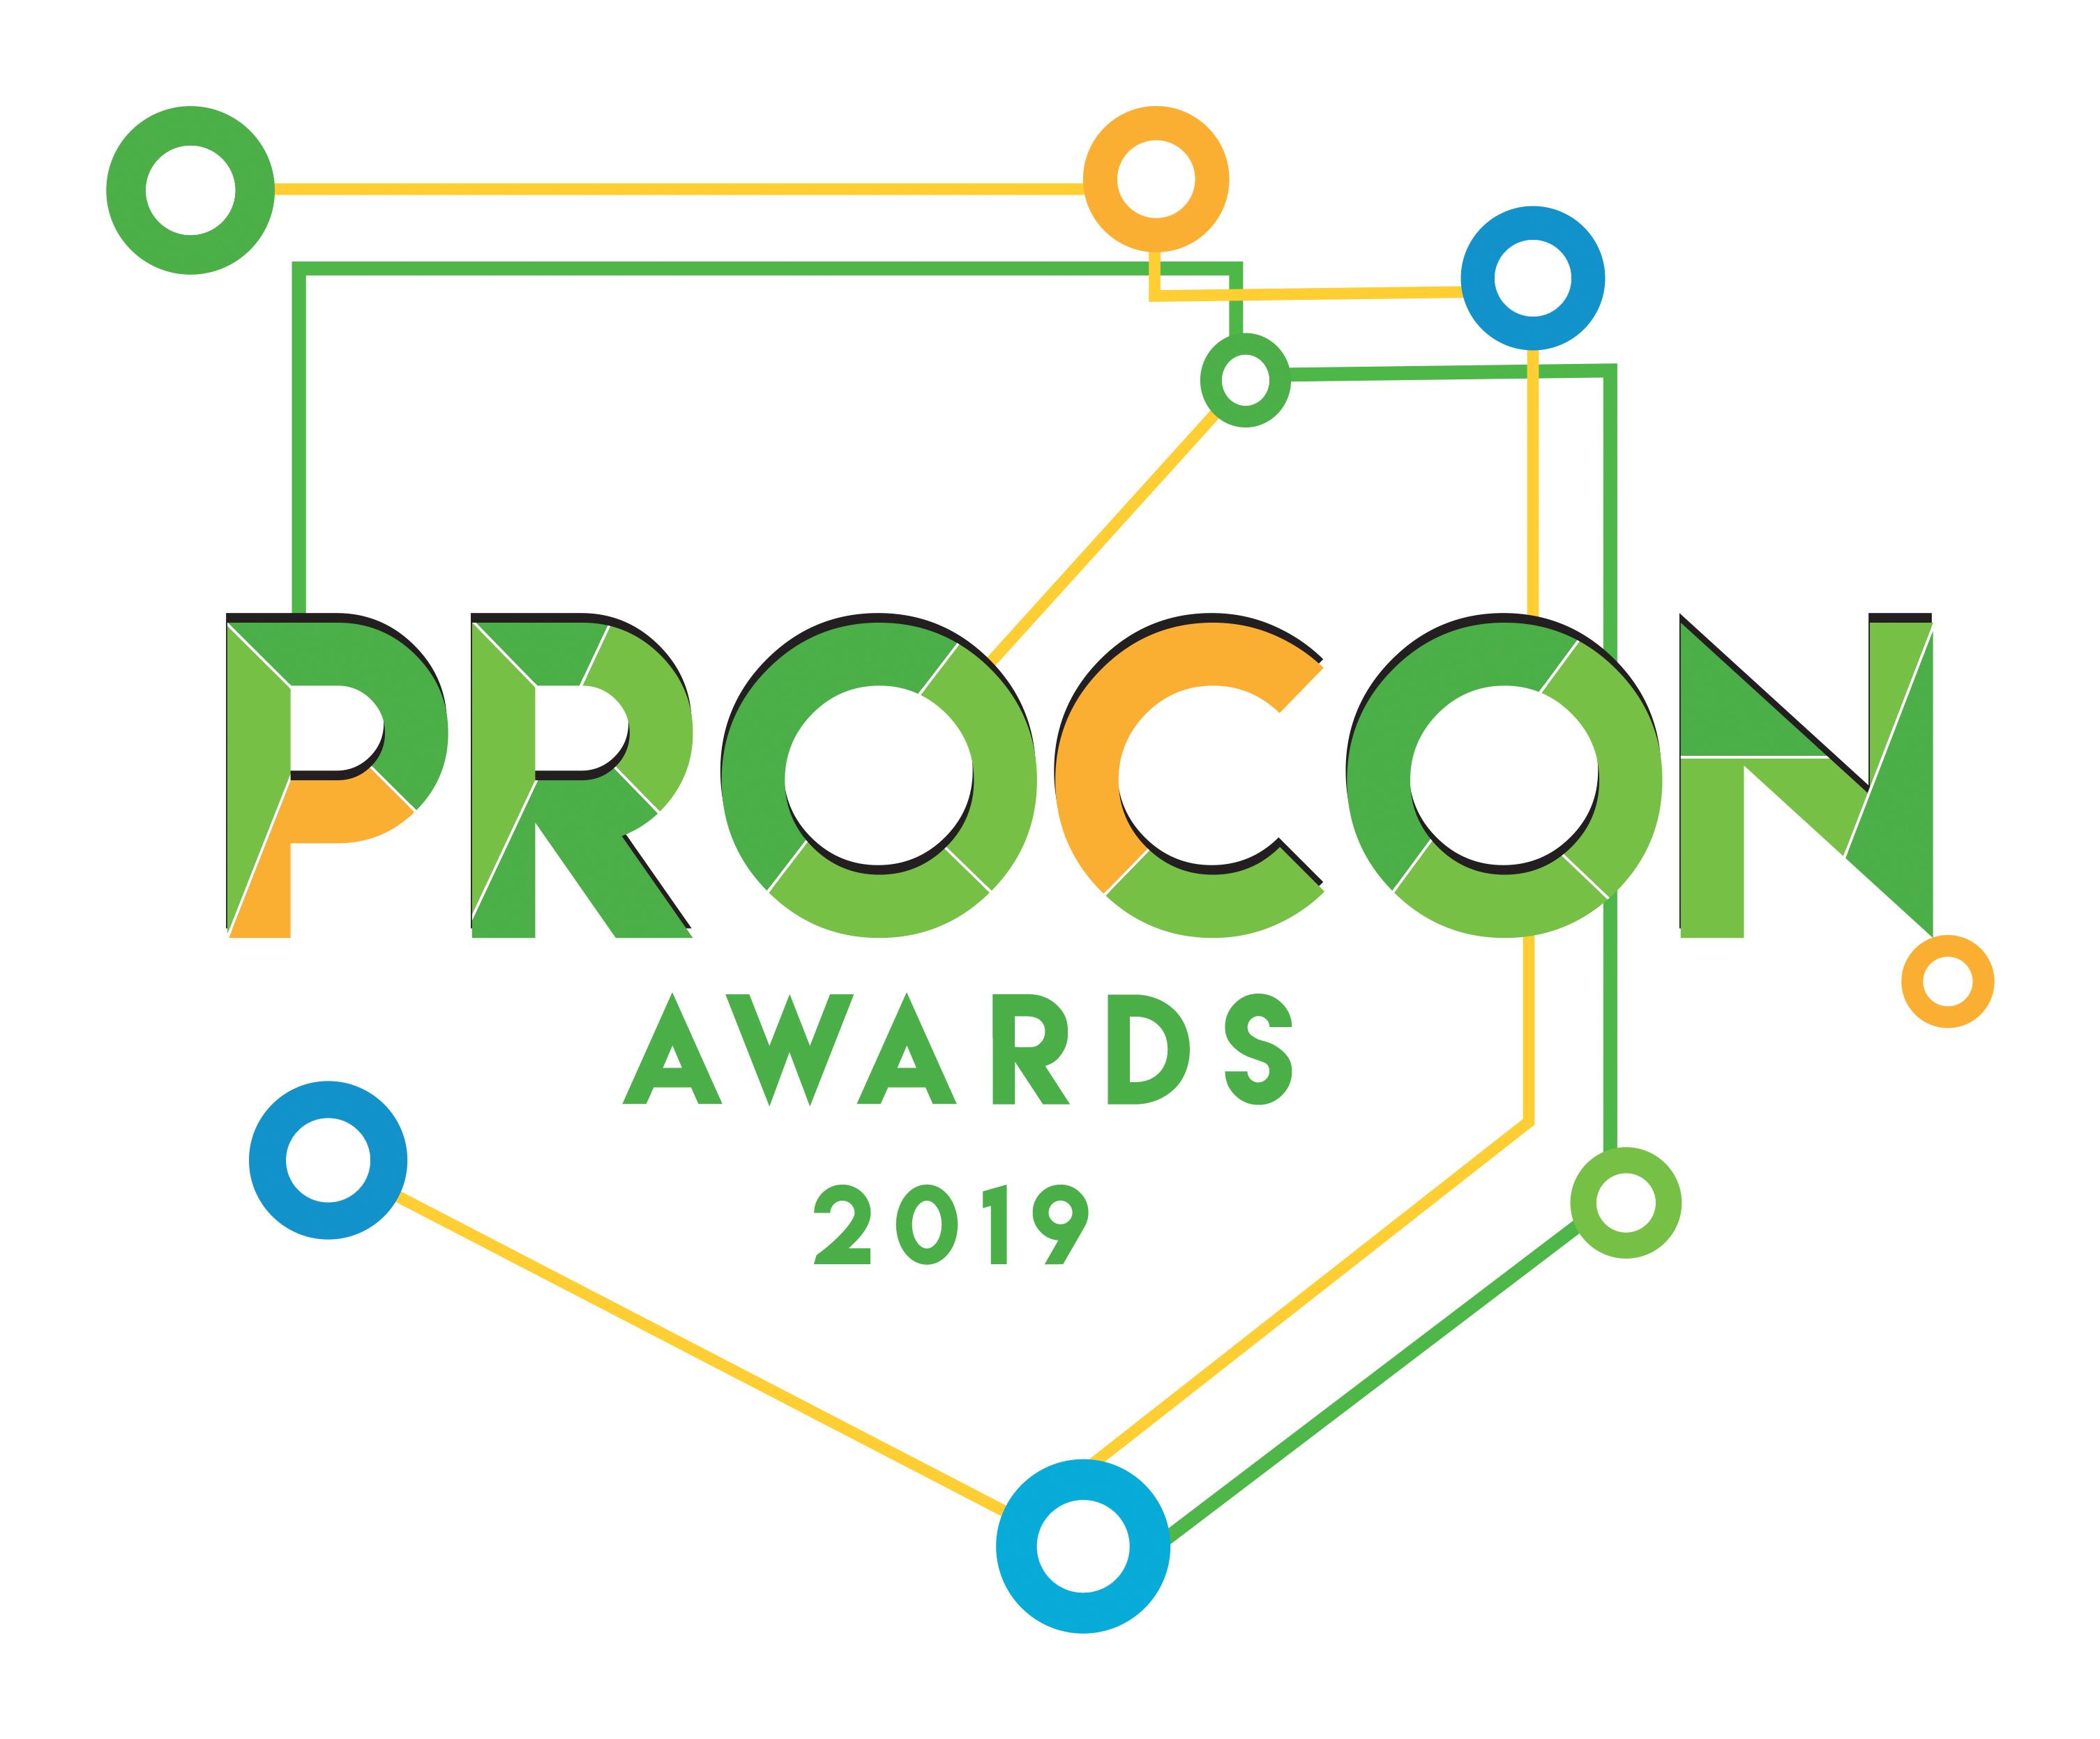 Mea Group najczęściej wyróżnianym dostawcą w konkursie PROCON Awards